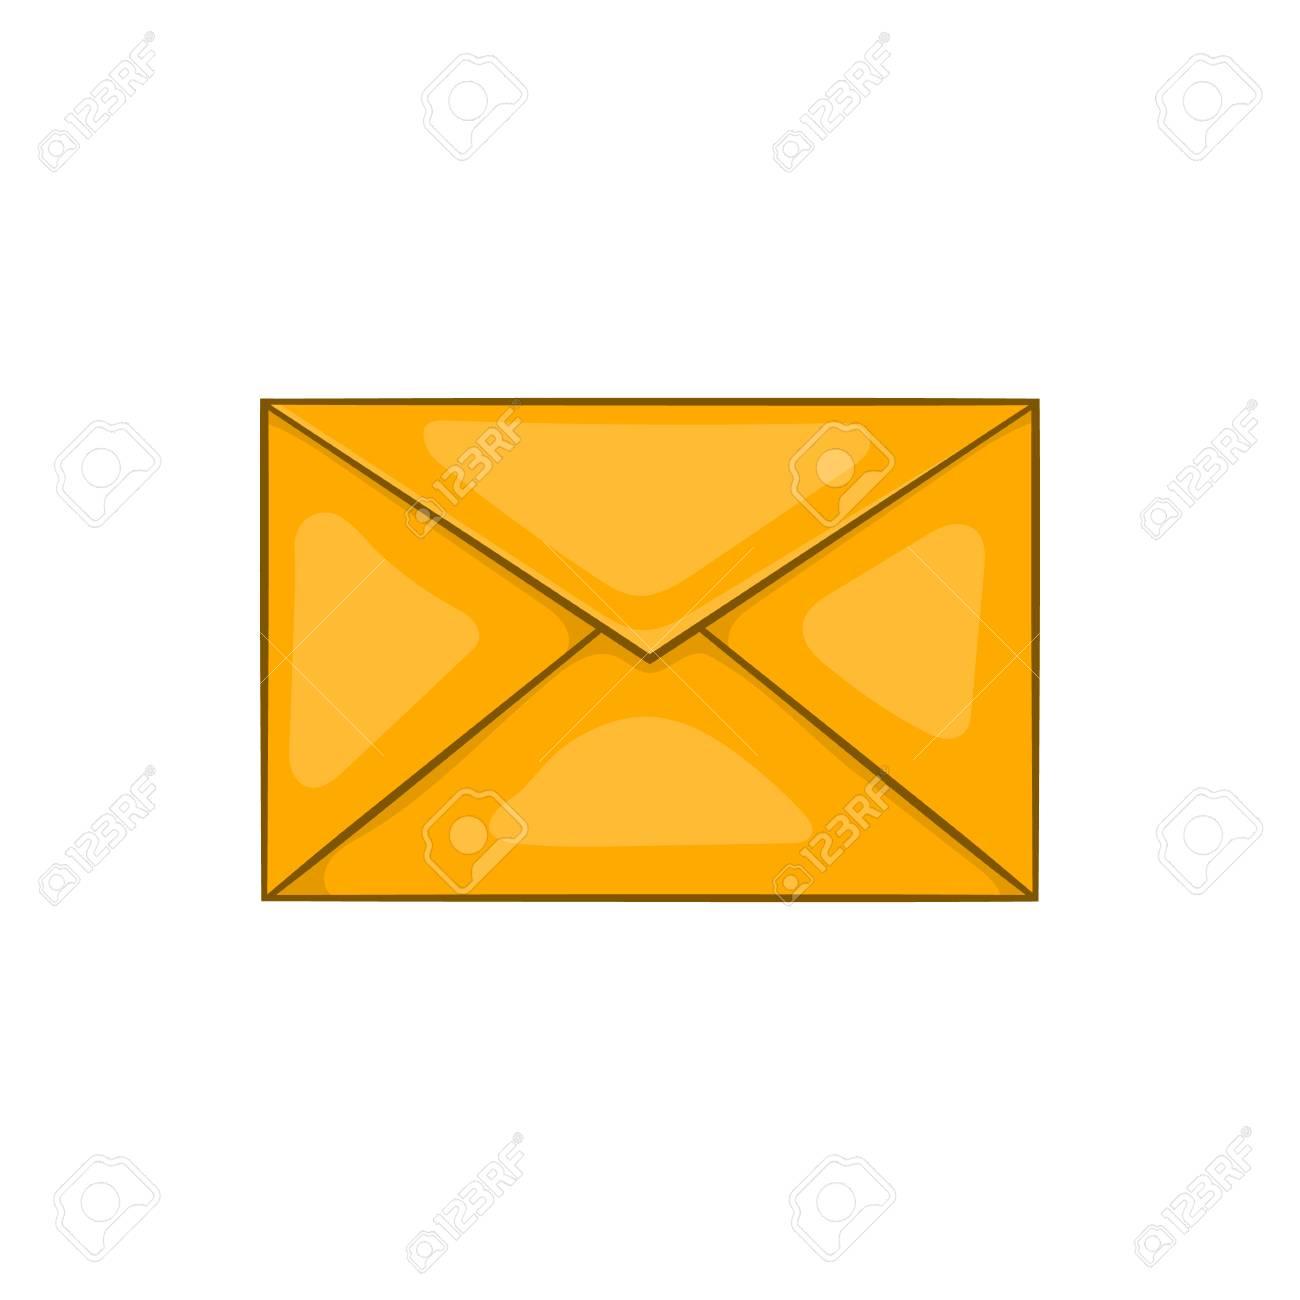 Dessin D Enveloppe icône de l'enveloppe dans le style de dessin animé isolé sur fond